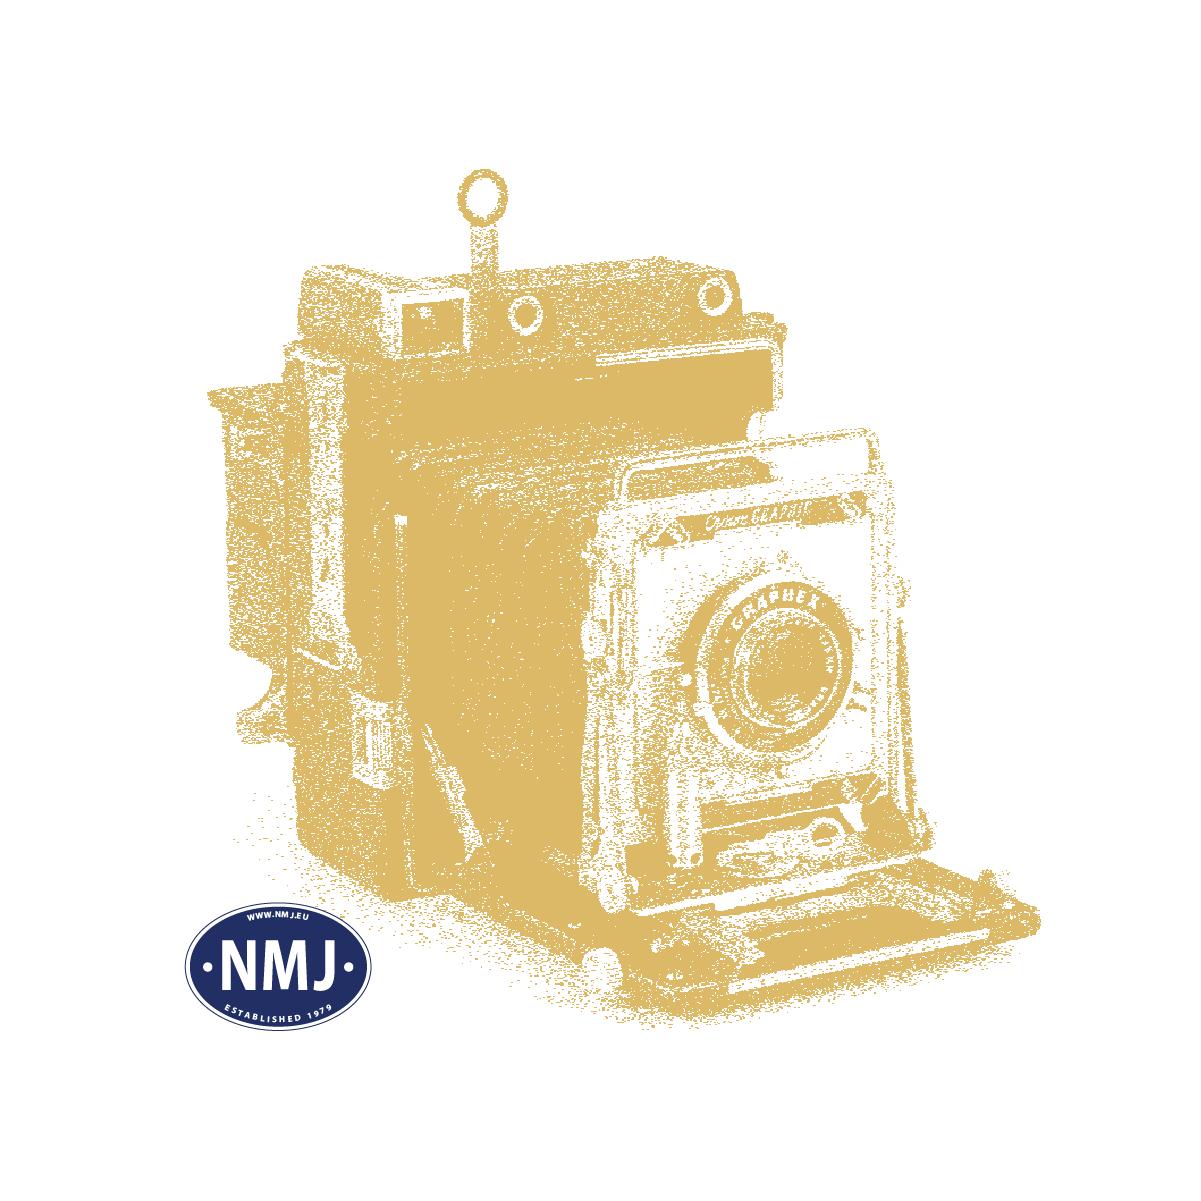 NMJB1134 - NMJ Timber Stacks, 2 Pcs.